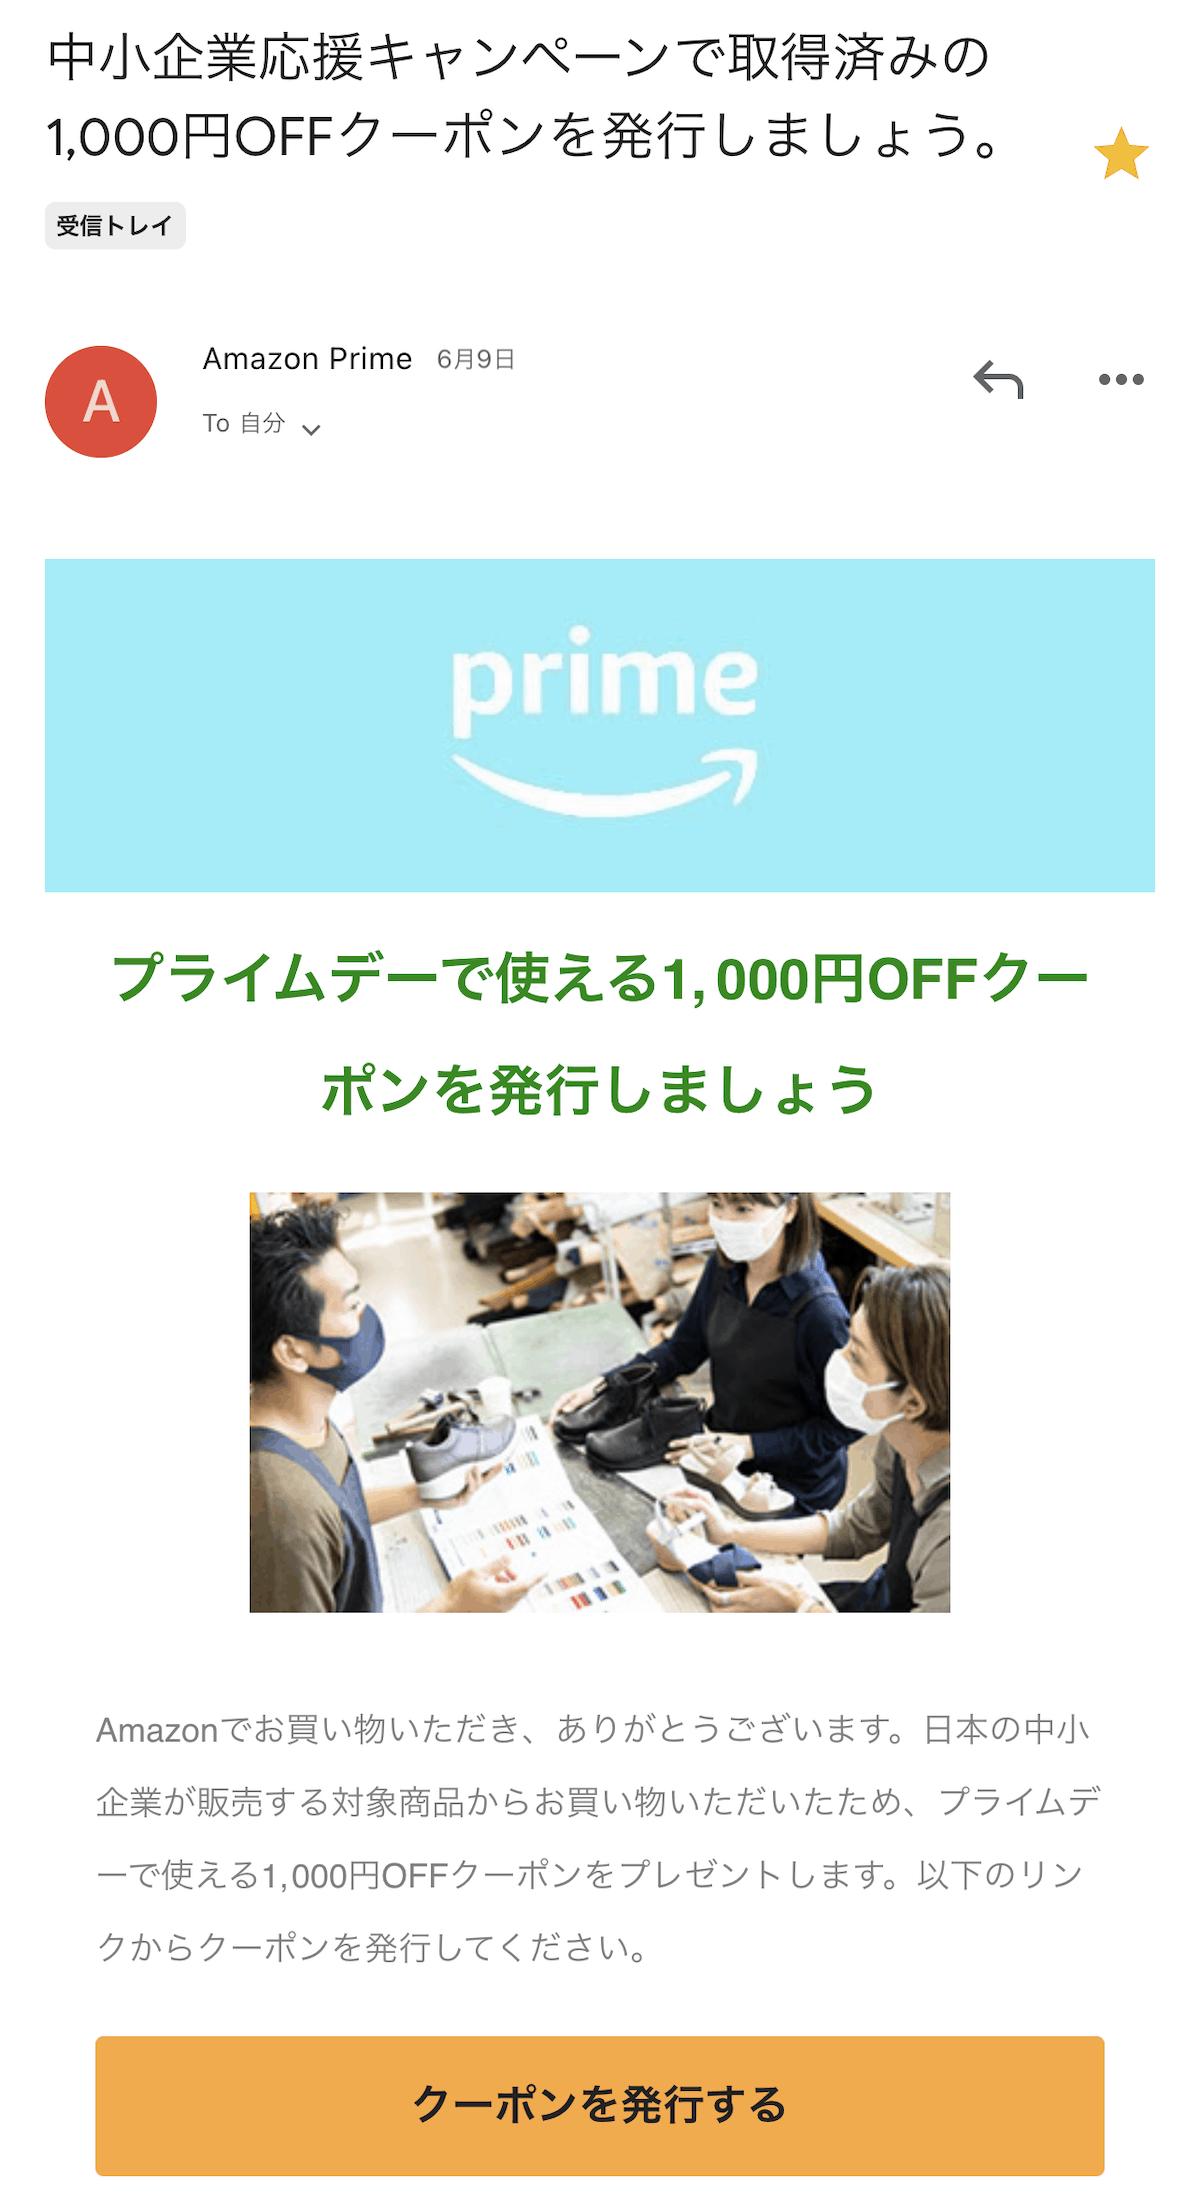 Amazonプライムデー1000円offクーポンの申請メールのスクリーンショット